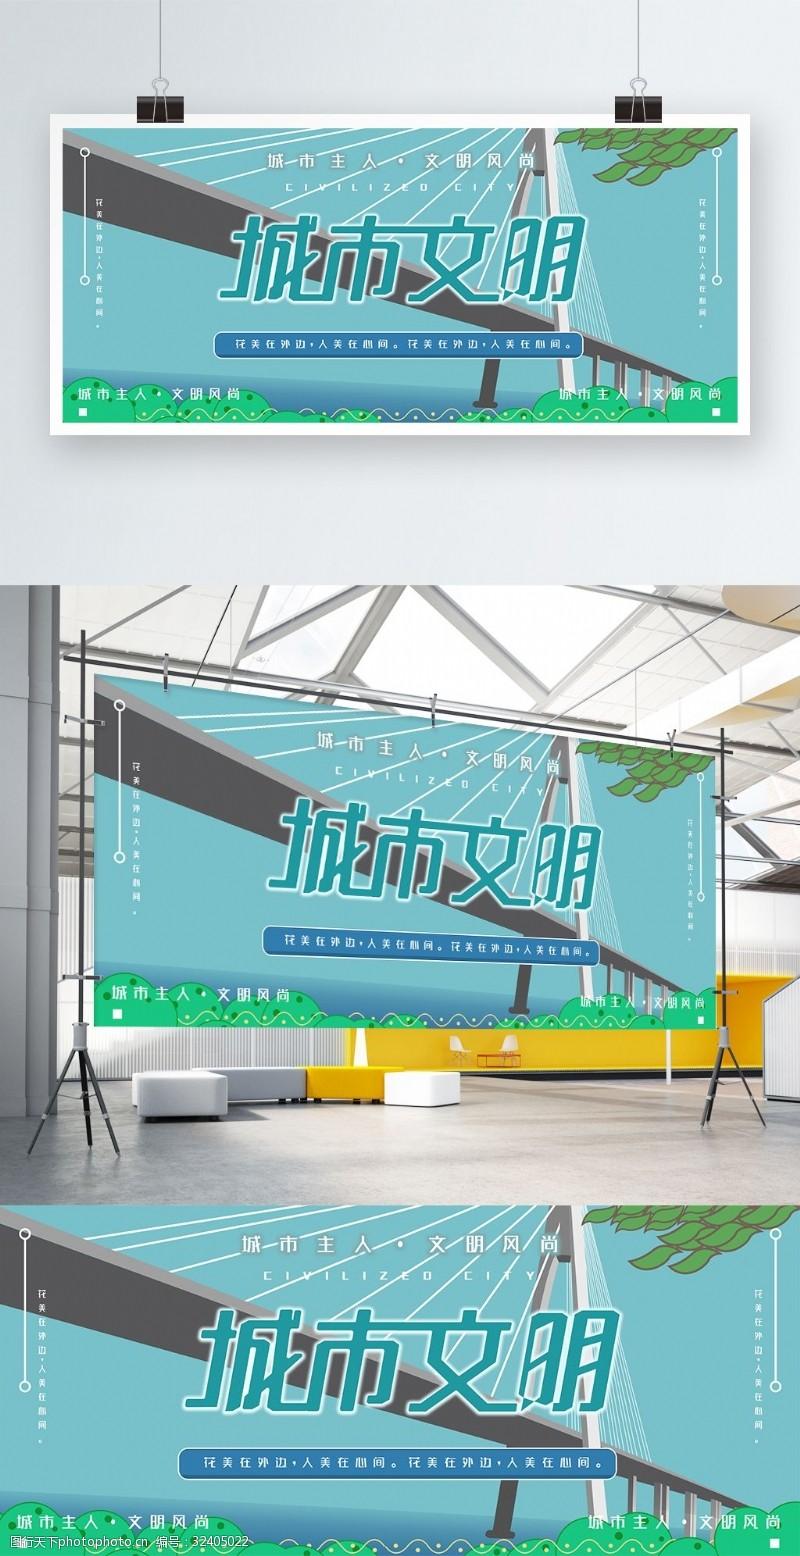 原创展板原创小清新文明城市展板设计